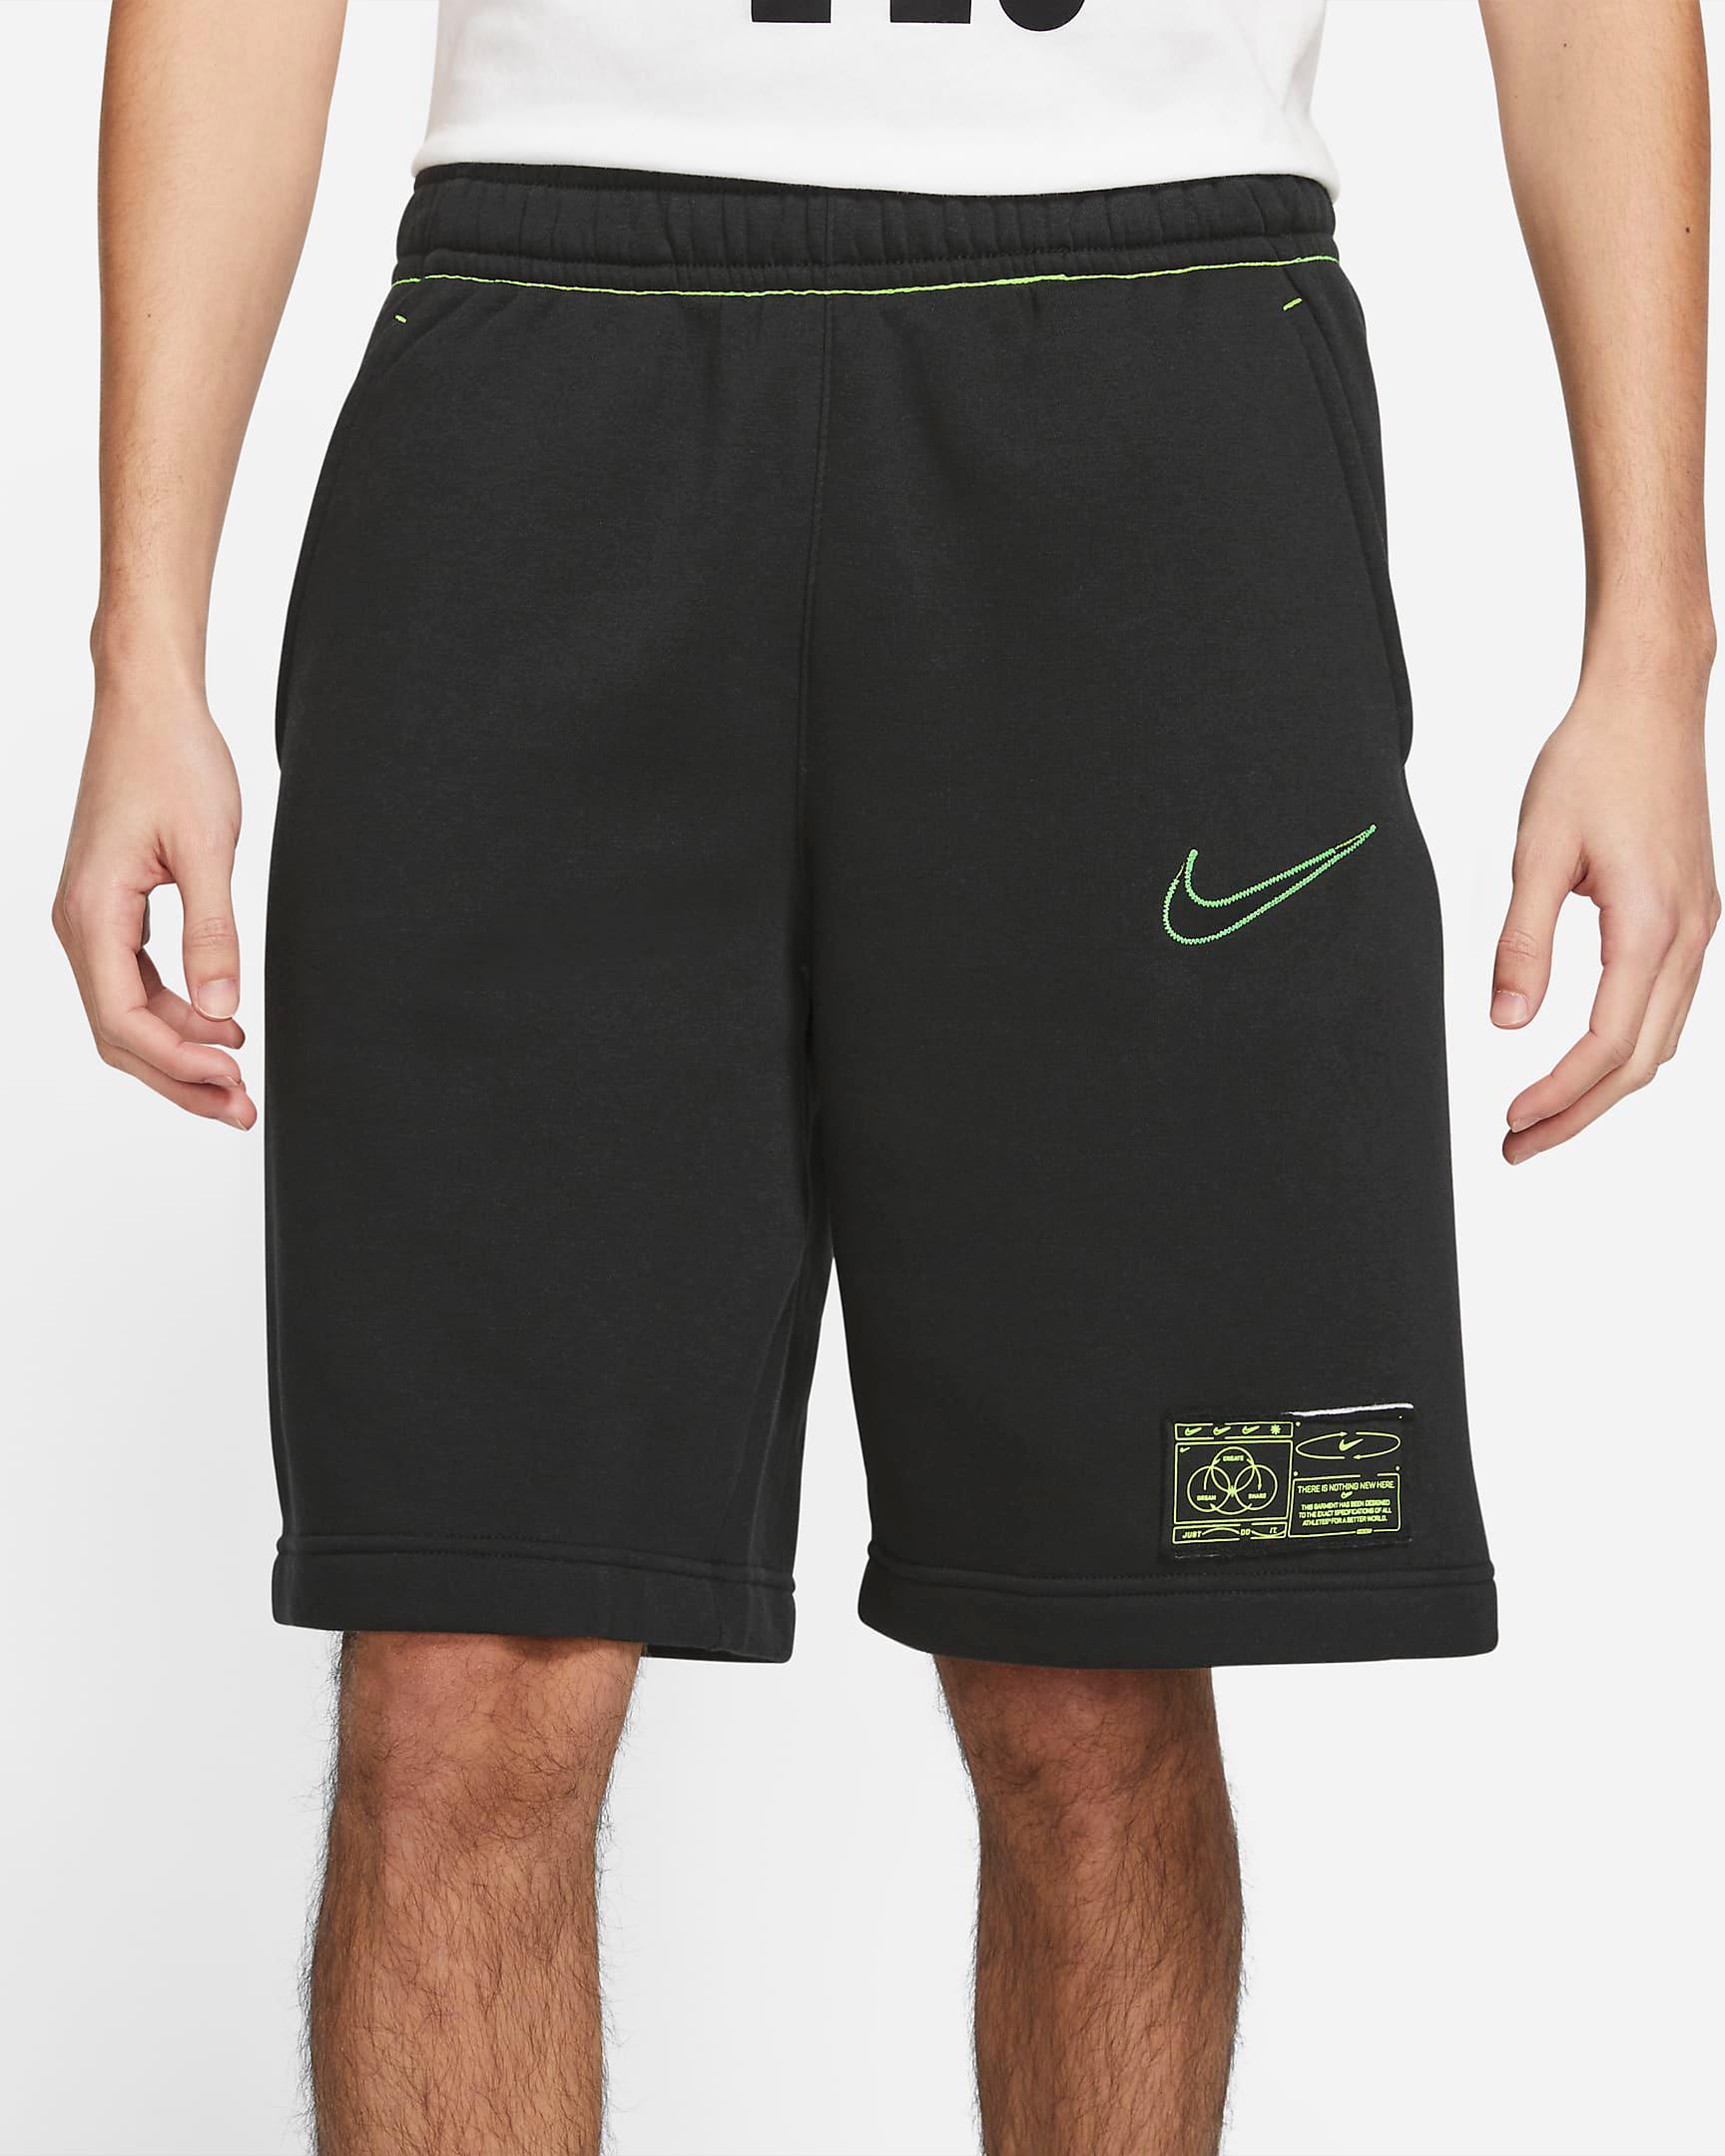 nike-club-fleece-shorts-black-volt-2